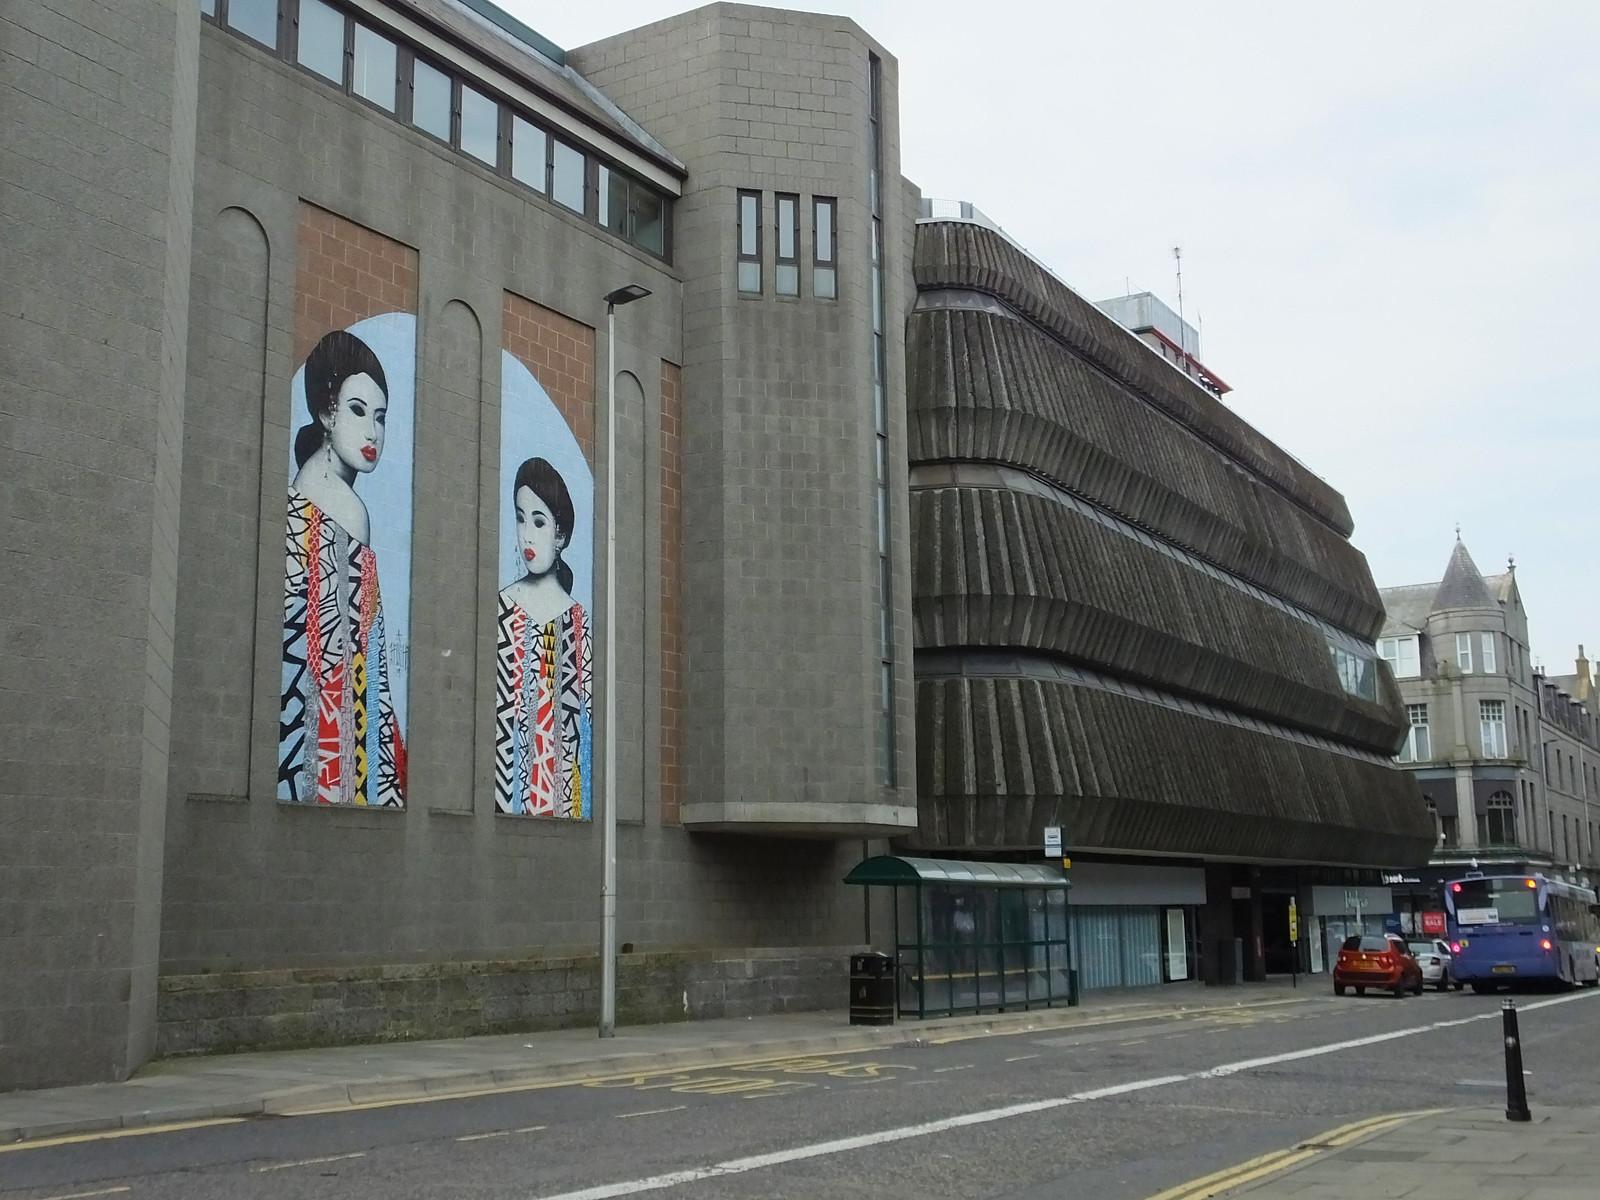 Nuart Aberdeen 2019: Hush